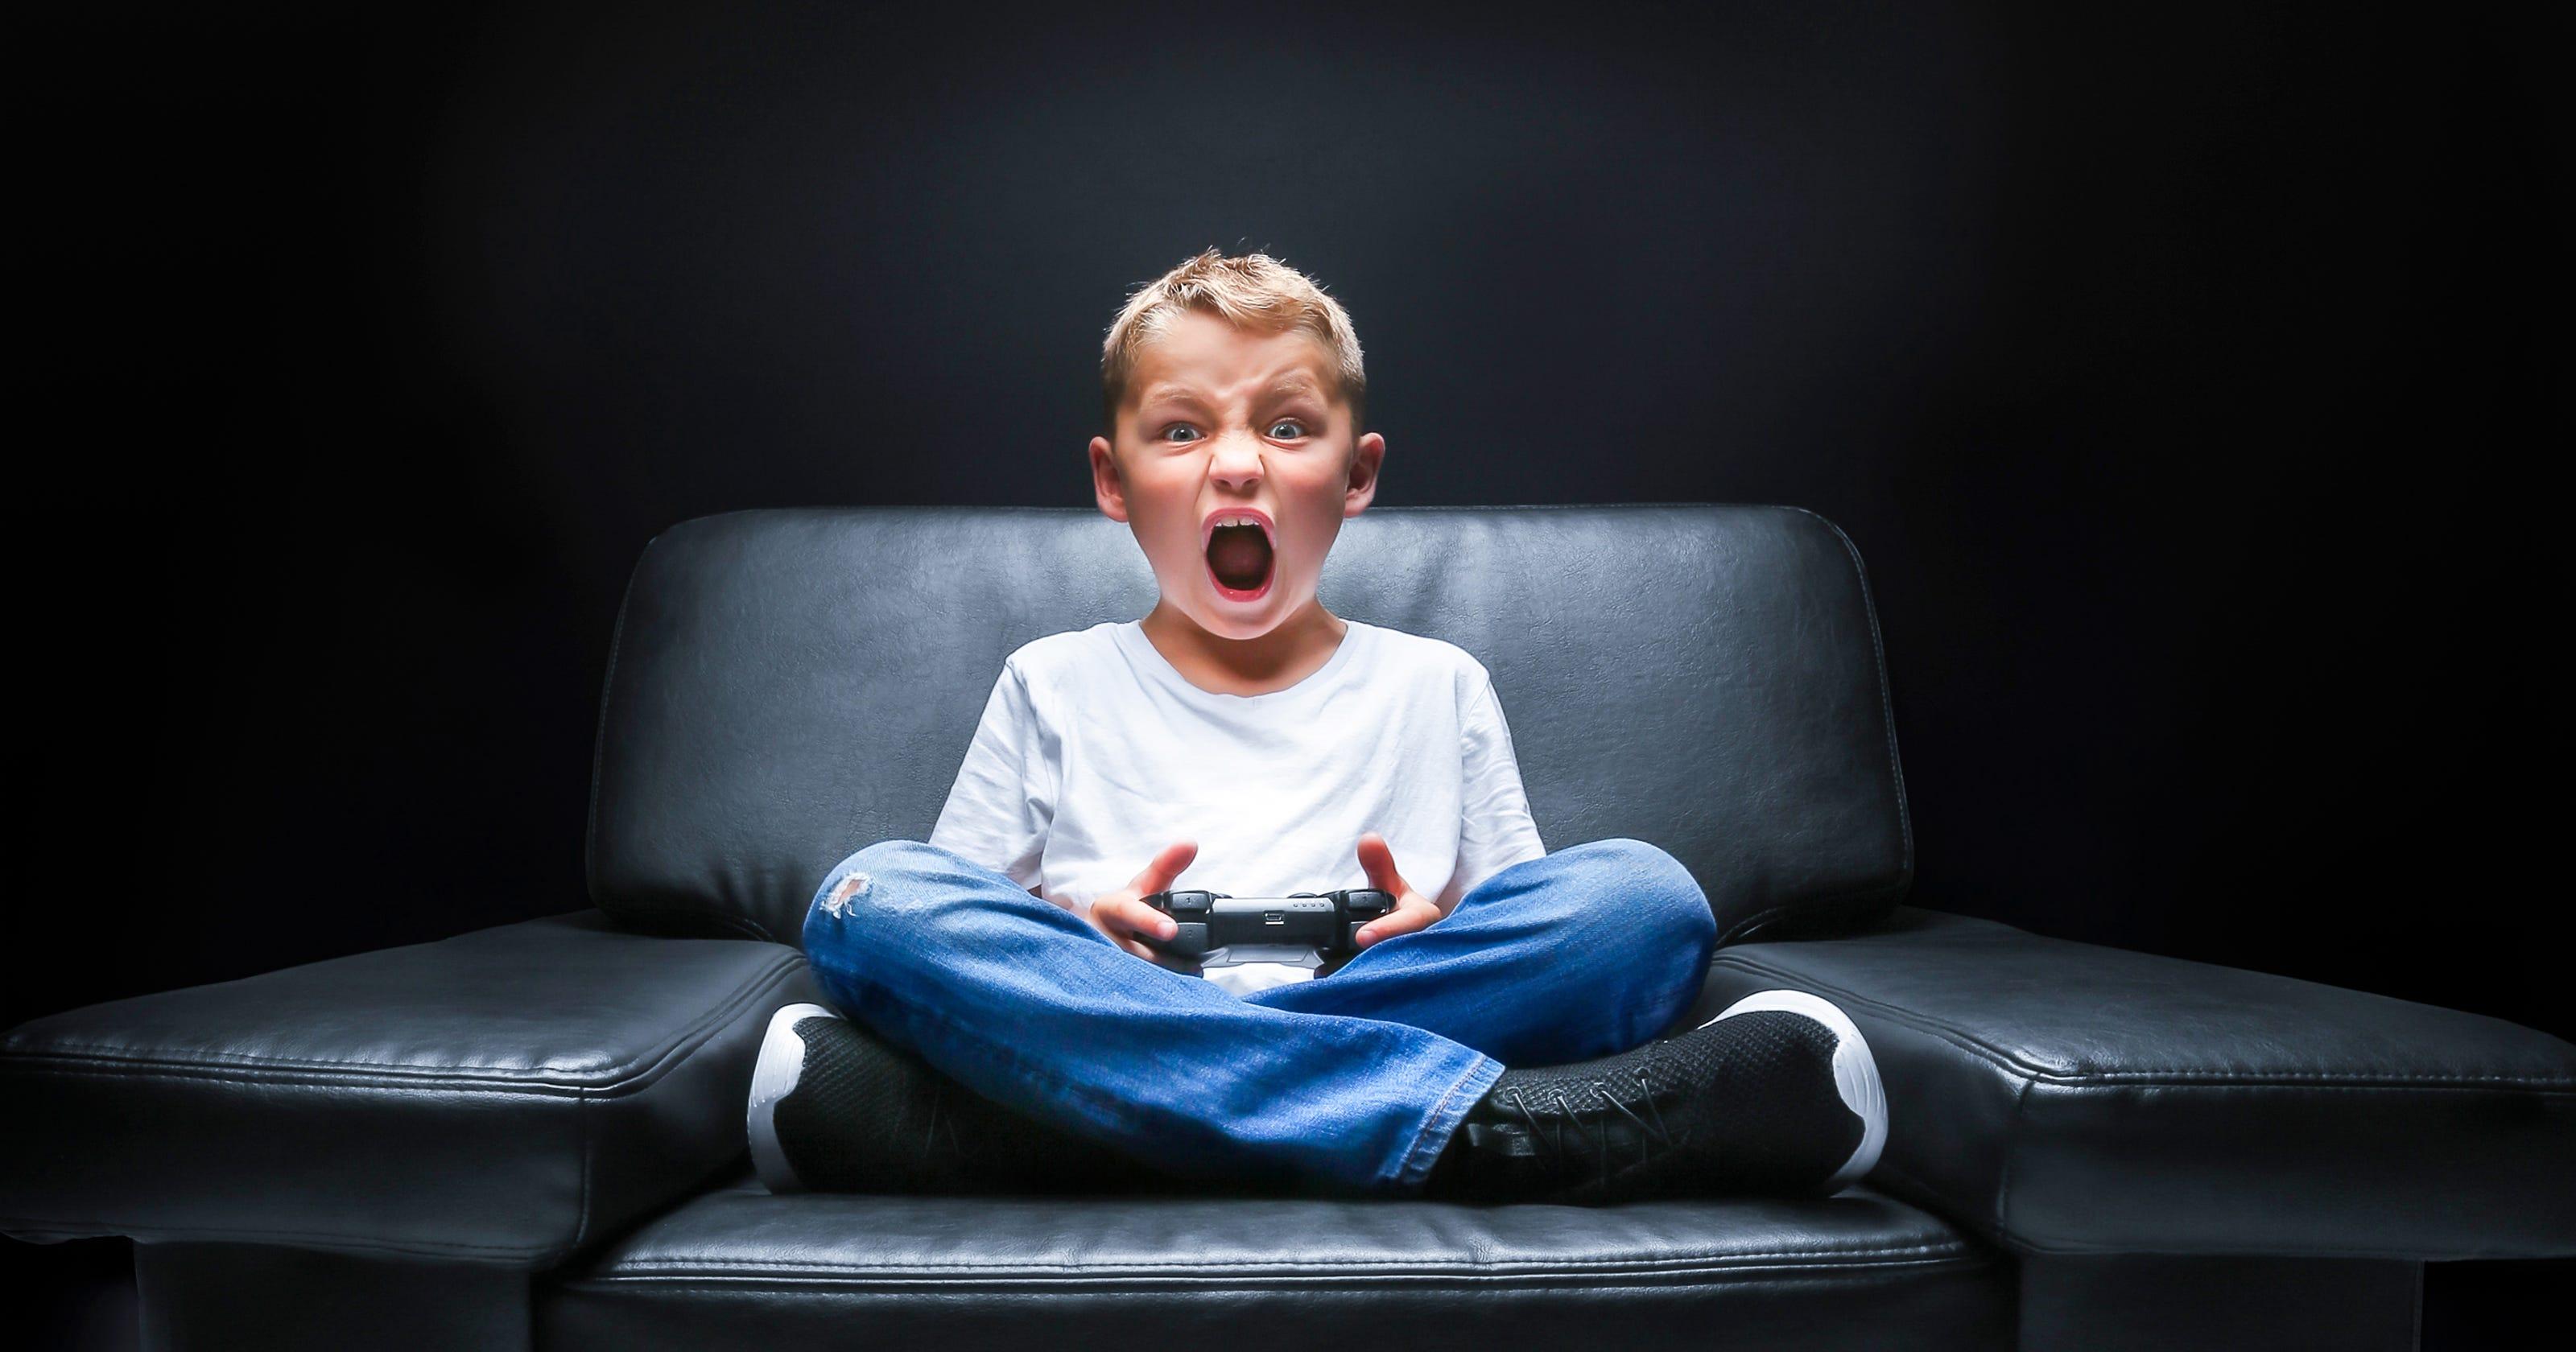 flirting games for kids videos games youtube 2017